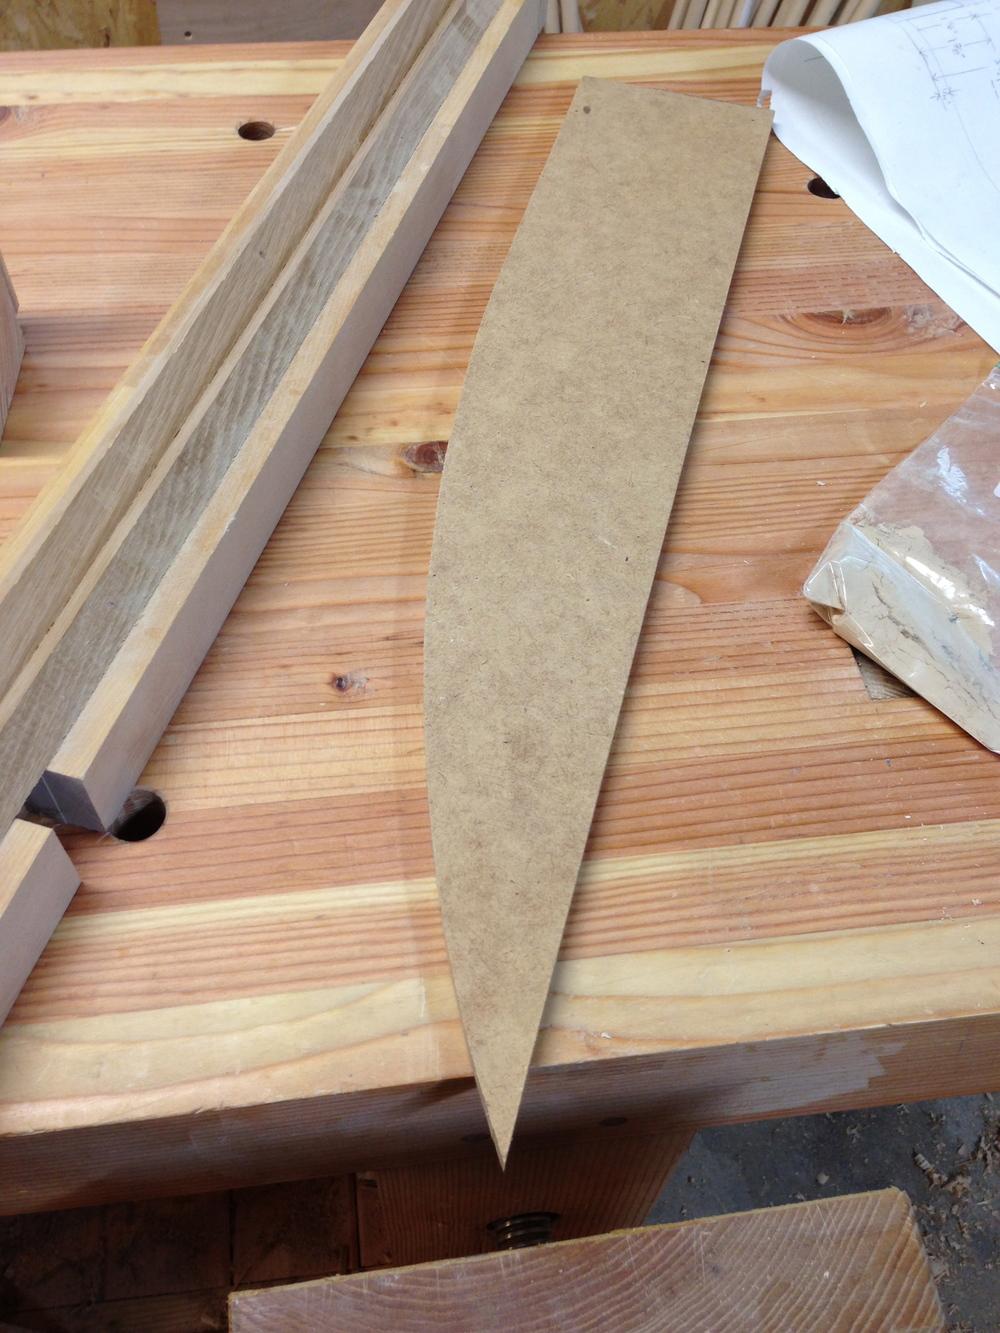 pedestal curve template